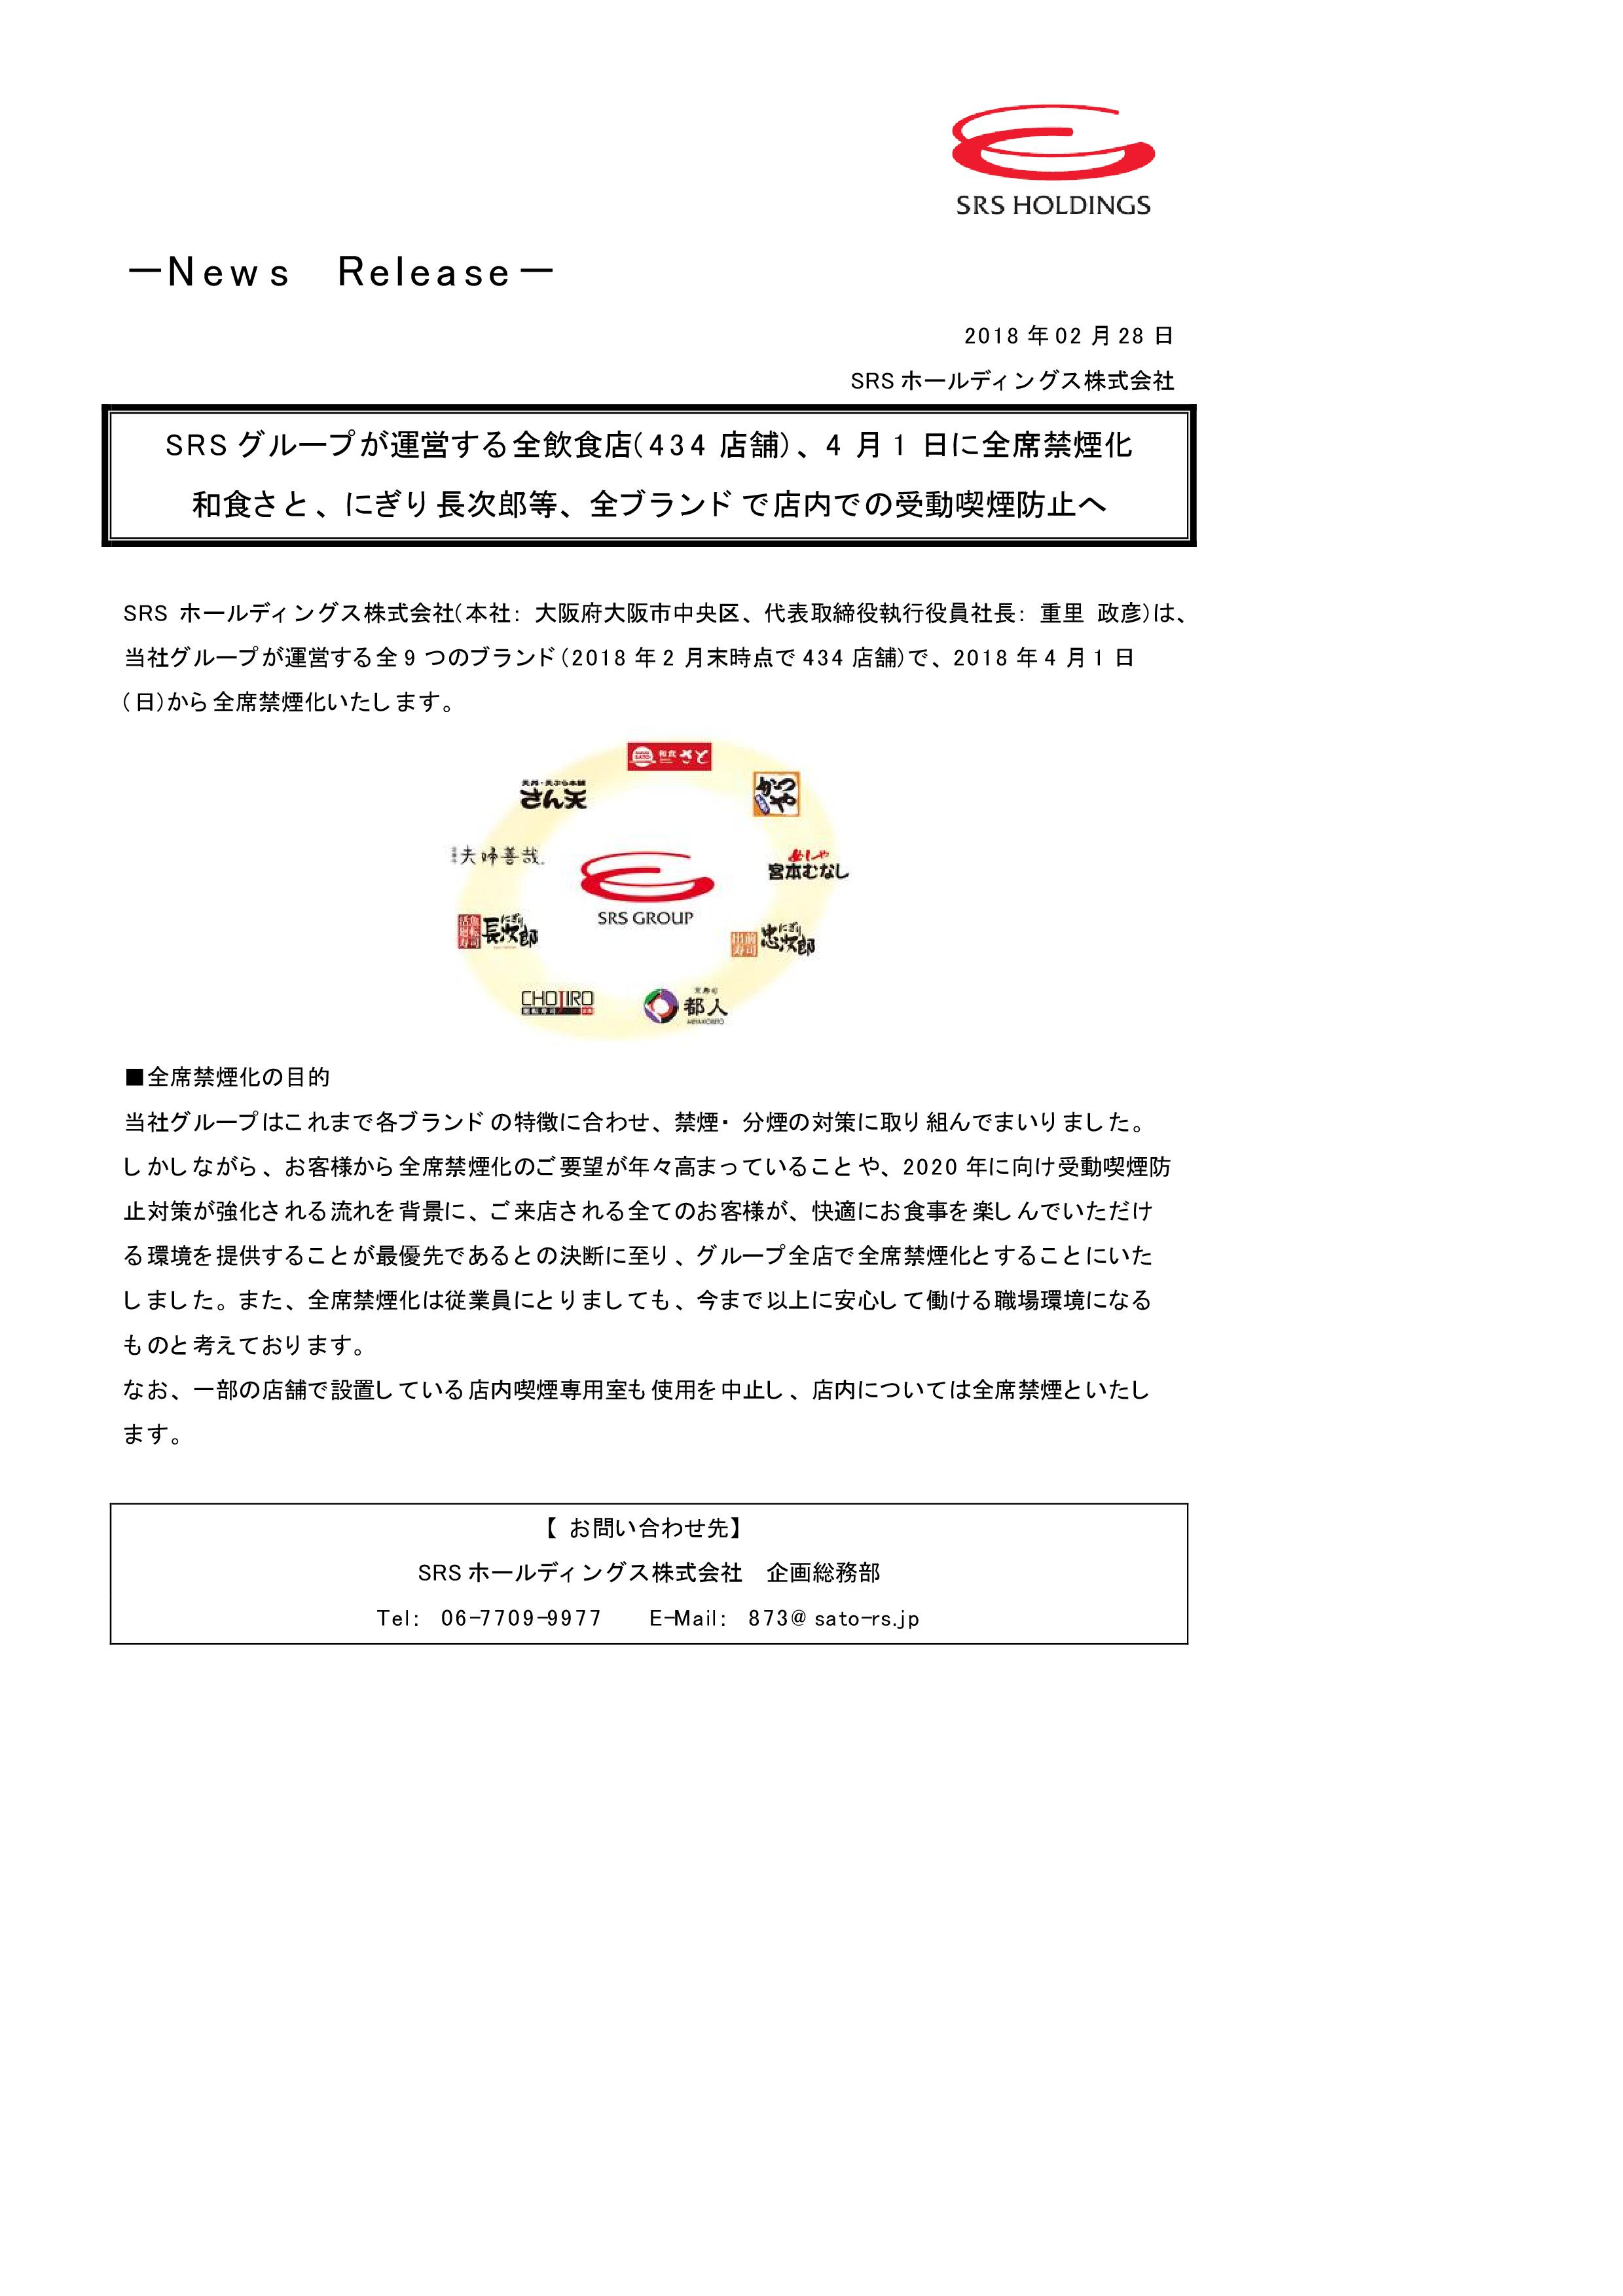 拾い物(https://srs-holdings.co.jp/news/assets/docs/release_180228.pdf)